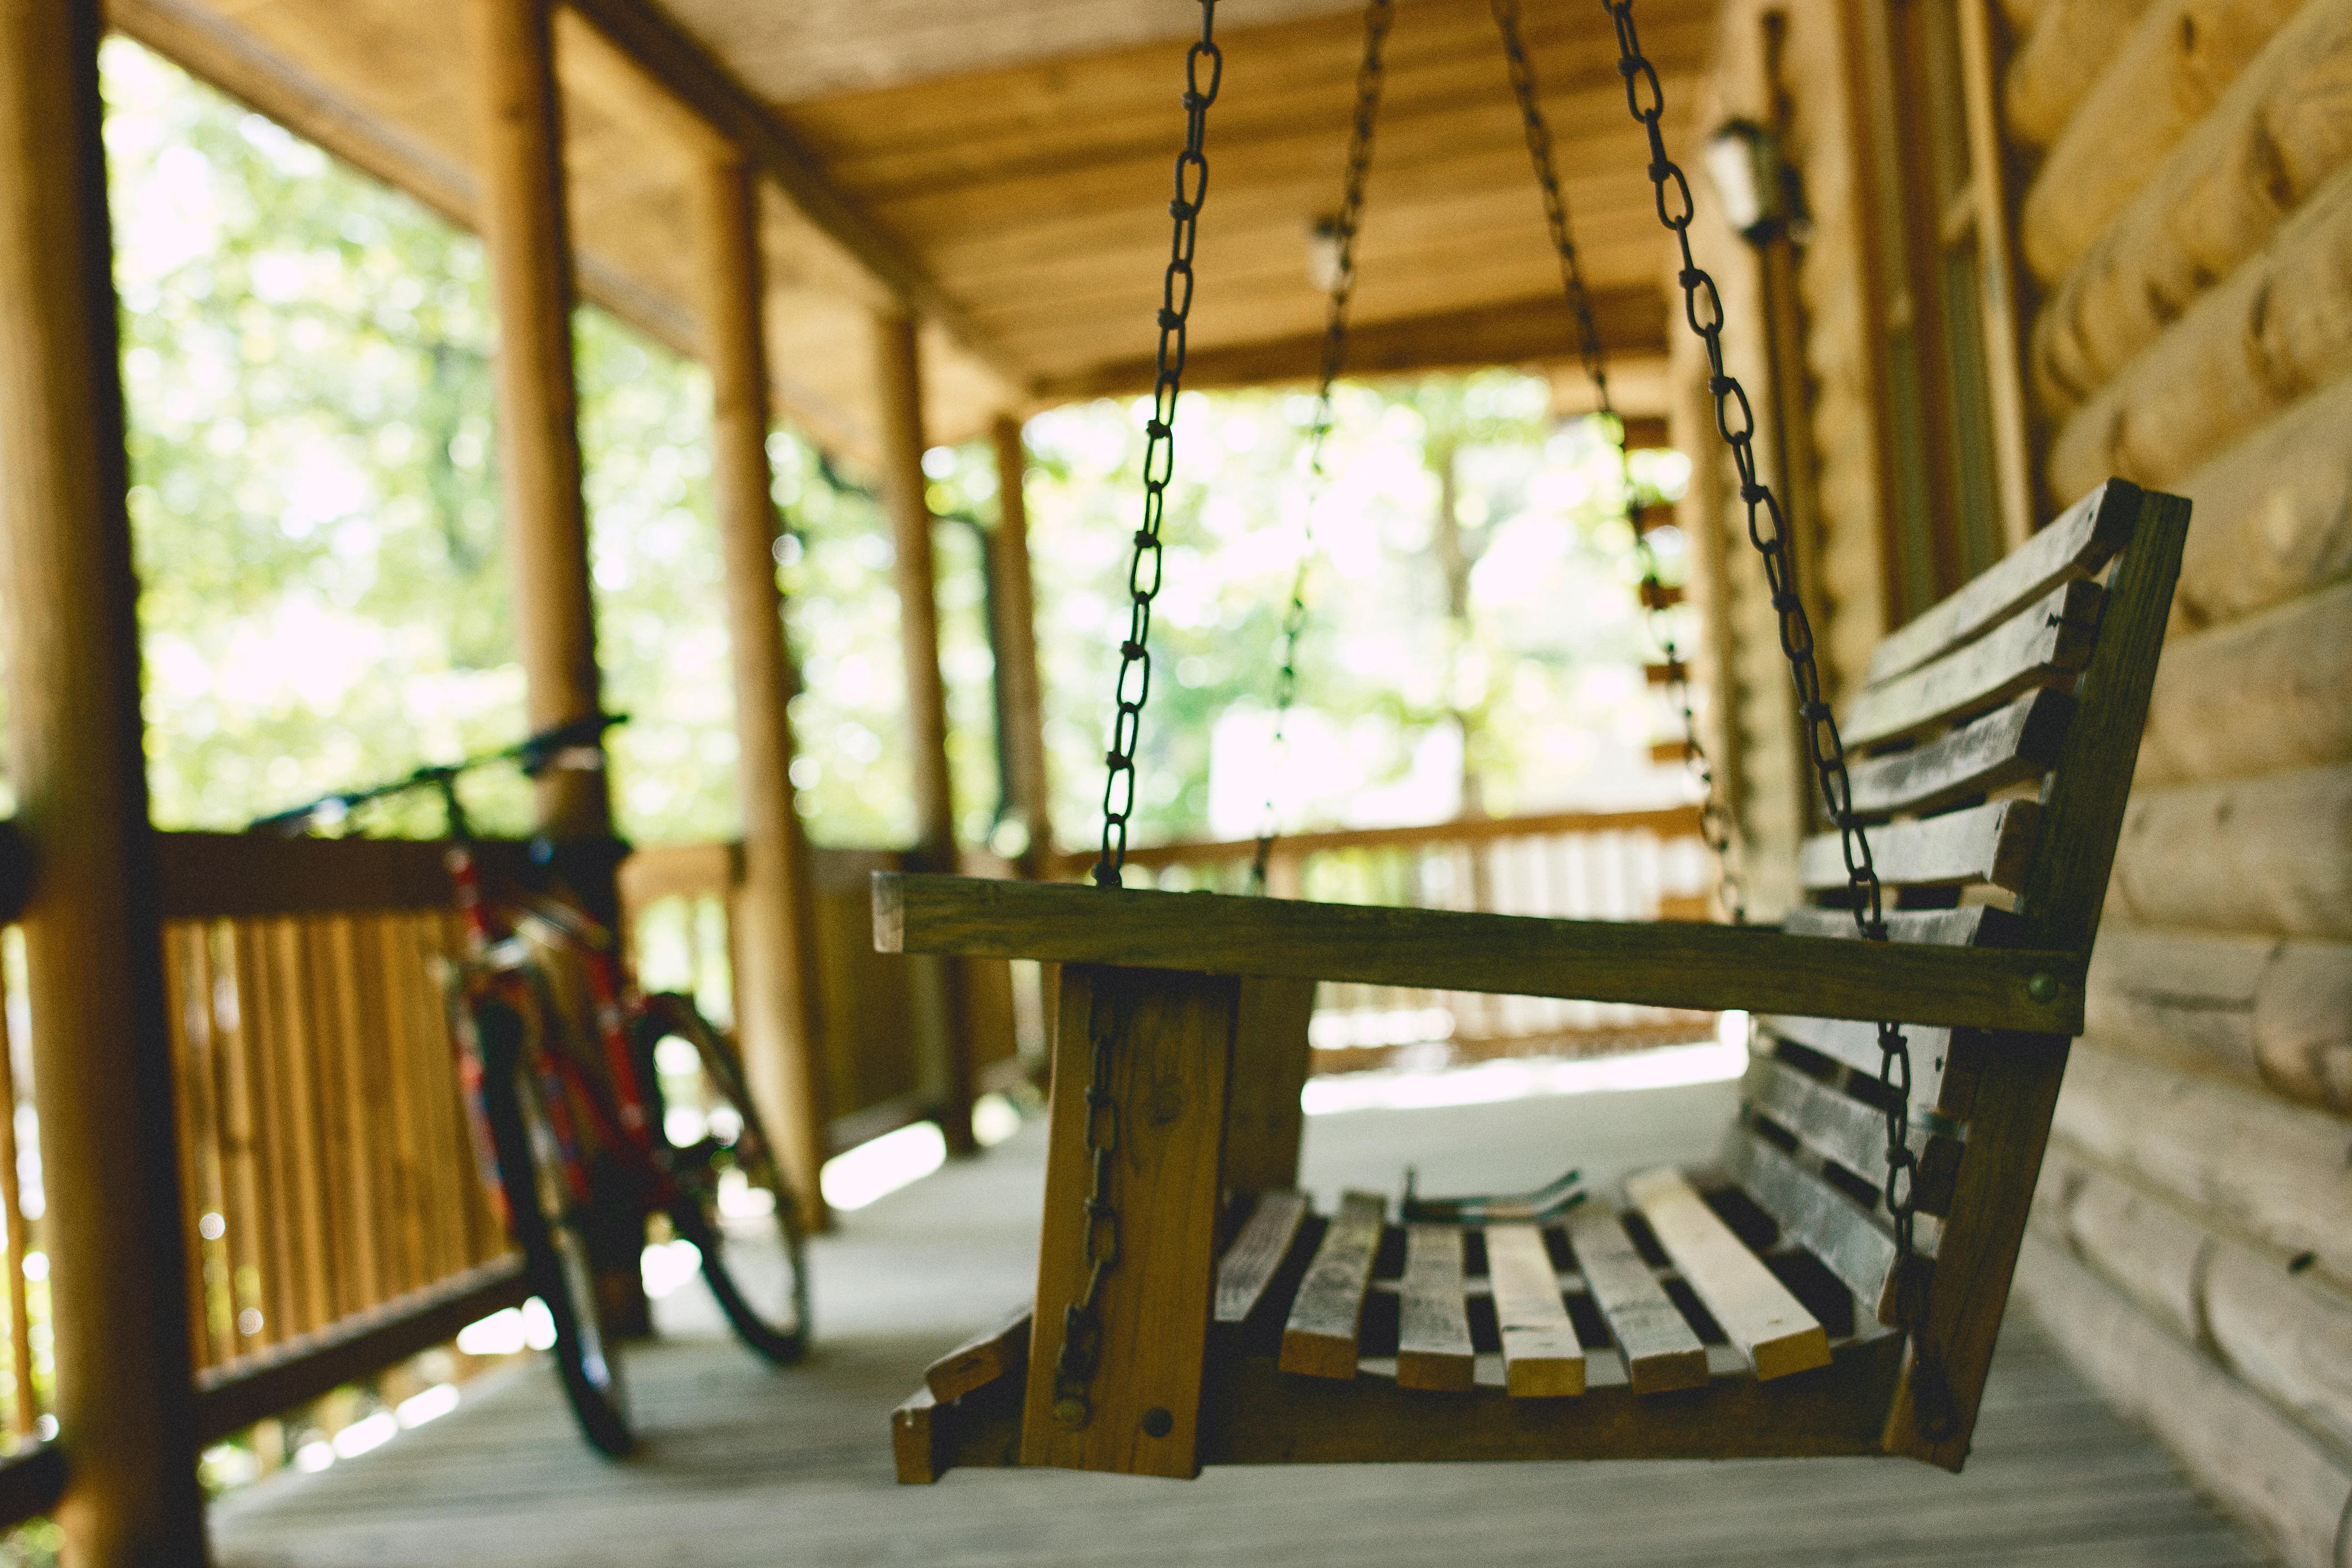 Schommel In Huis : Gratis afbeeldingen hout huis venster fiets huis veranda